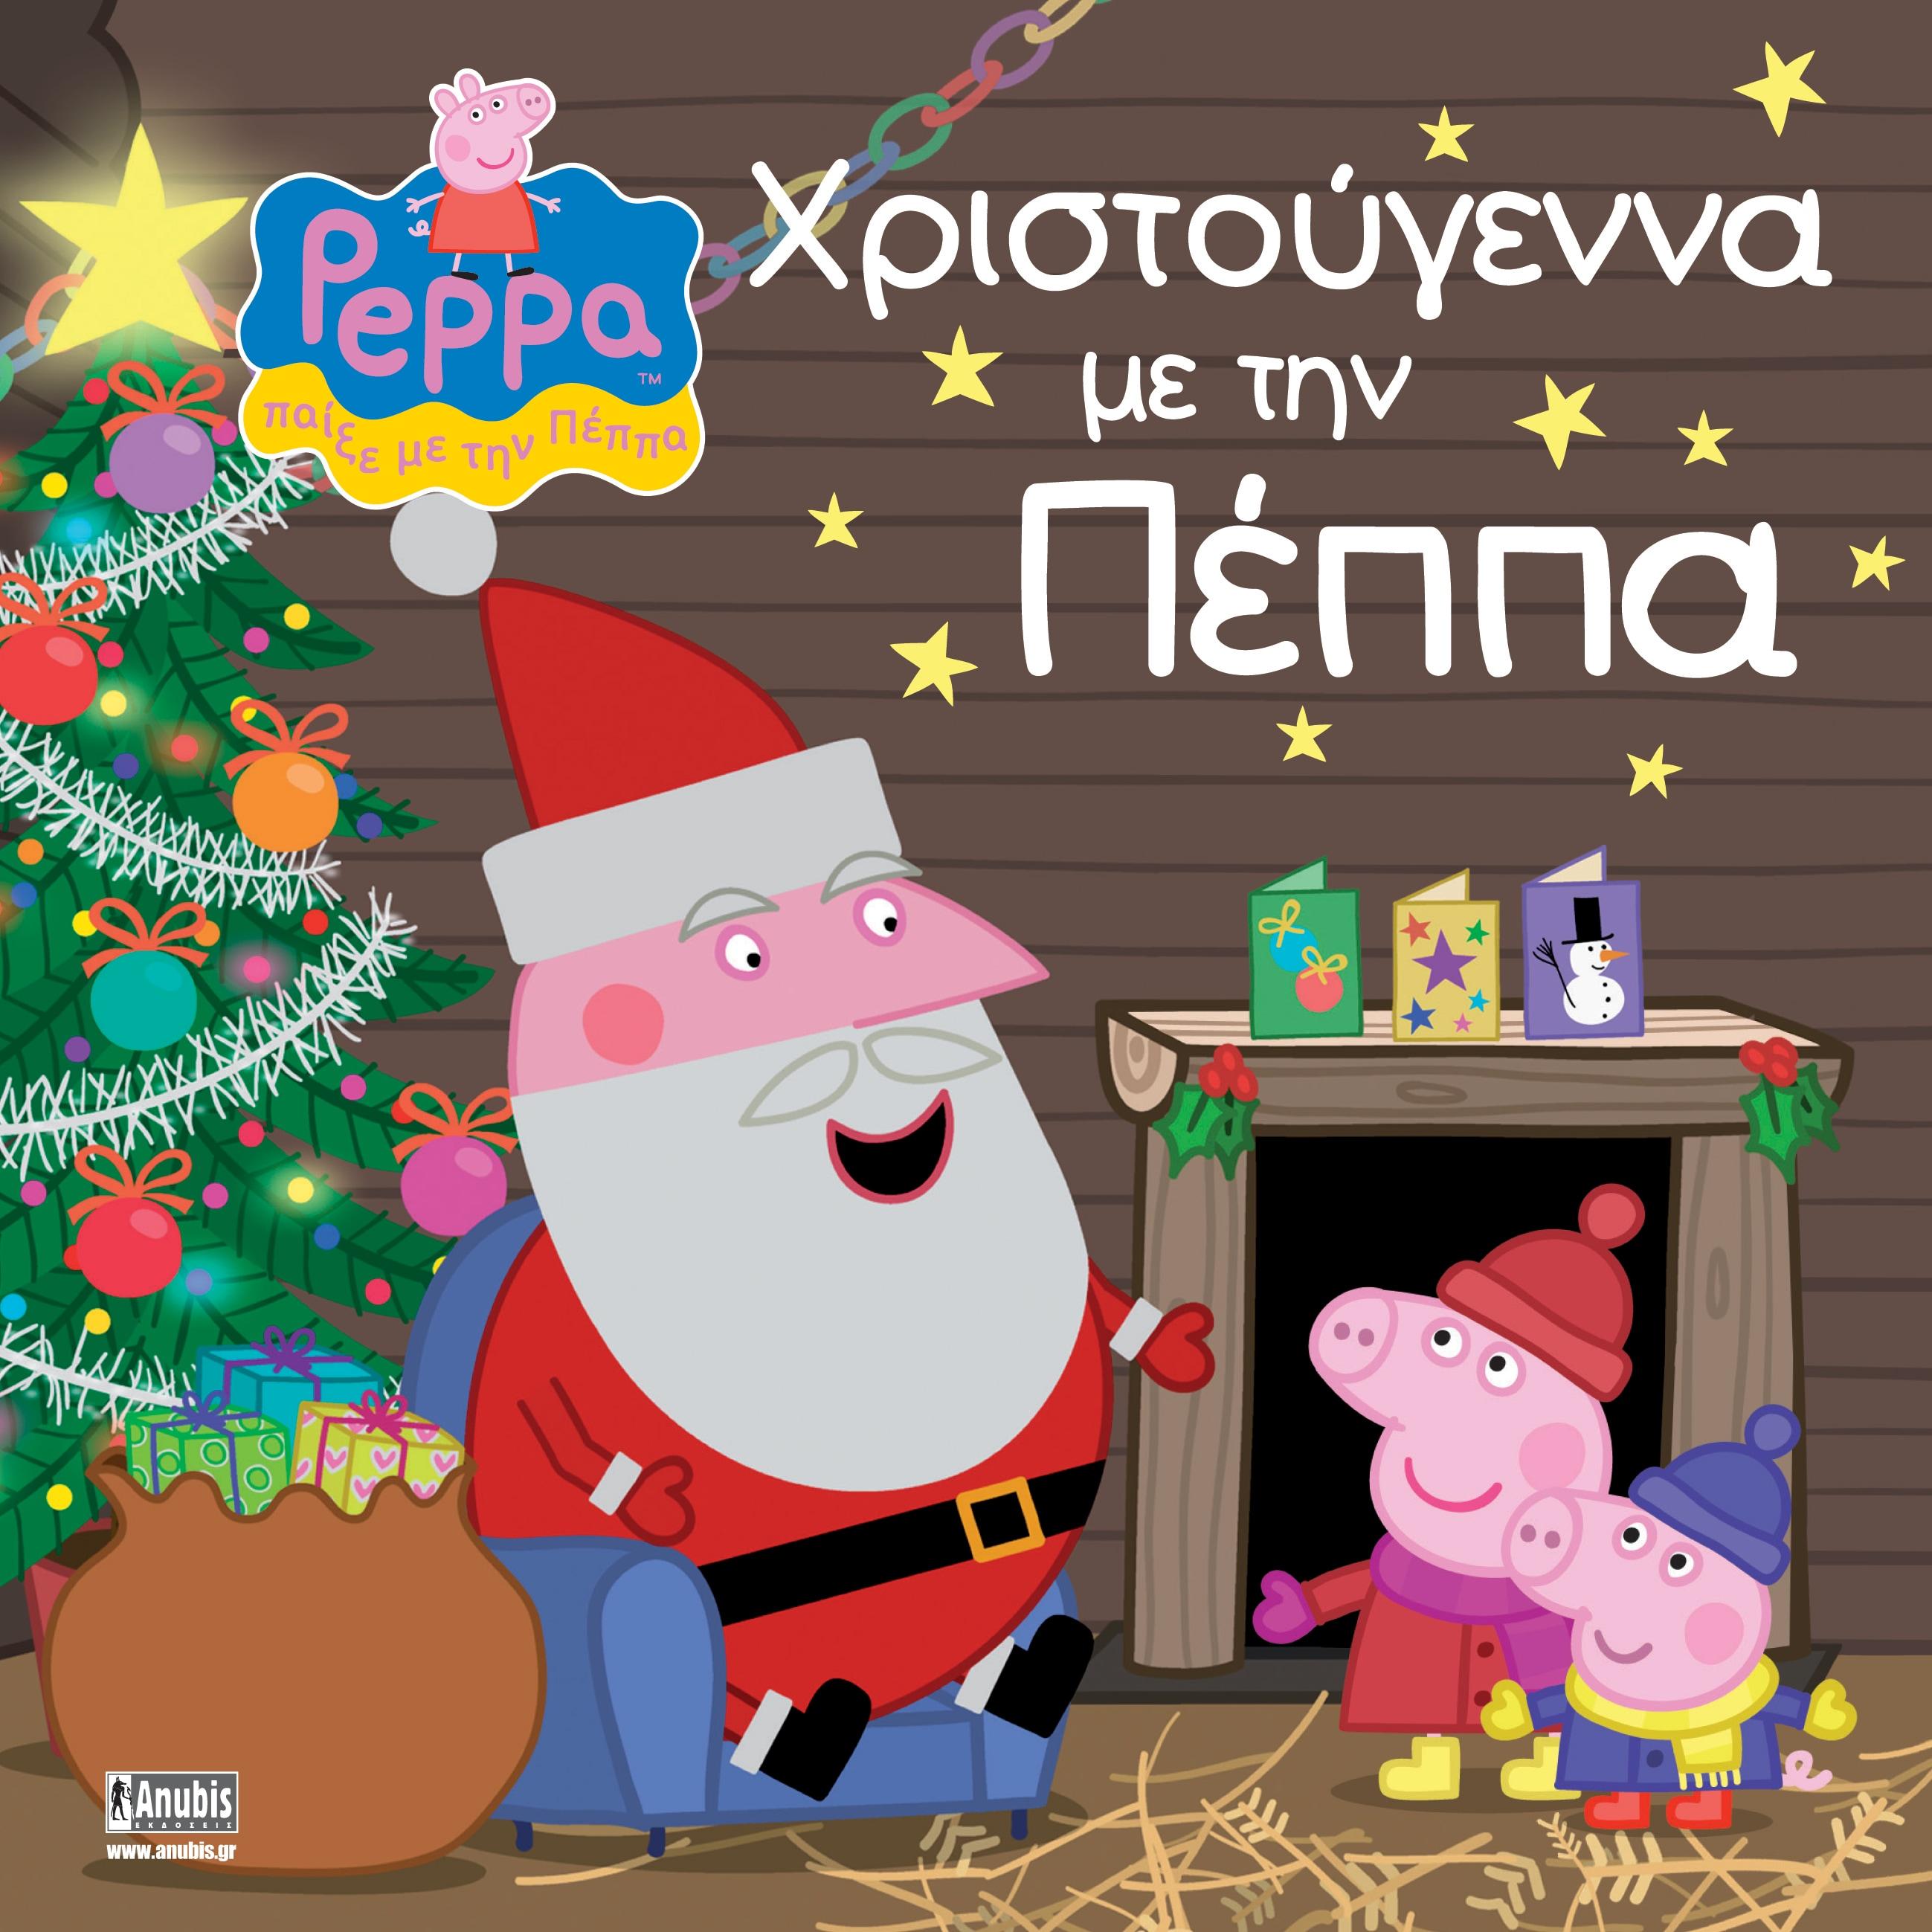 Χριστούγεννα με το δημοφιλές γουρουνάκι!